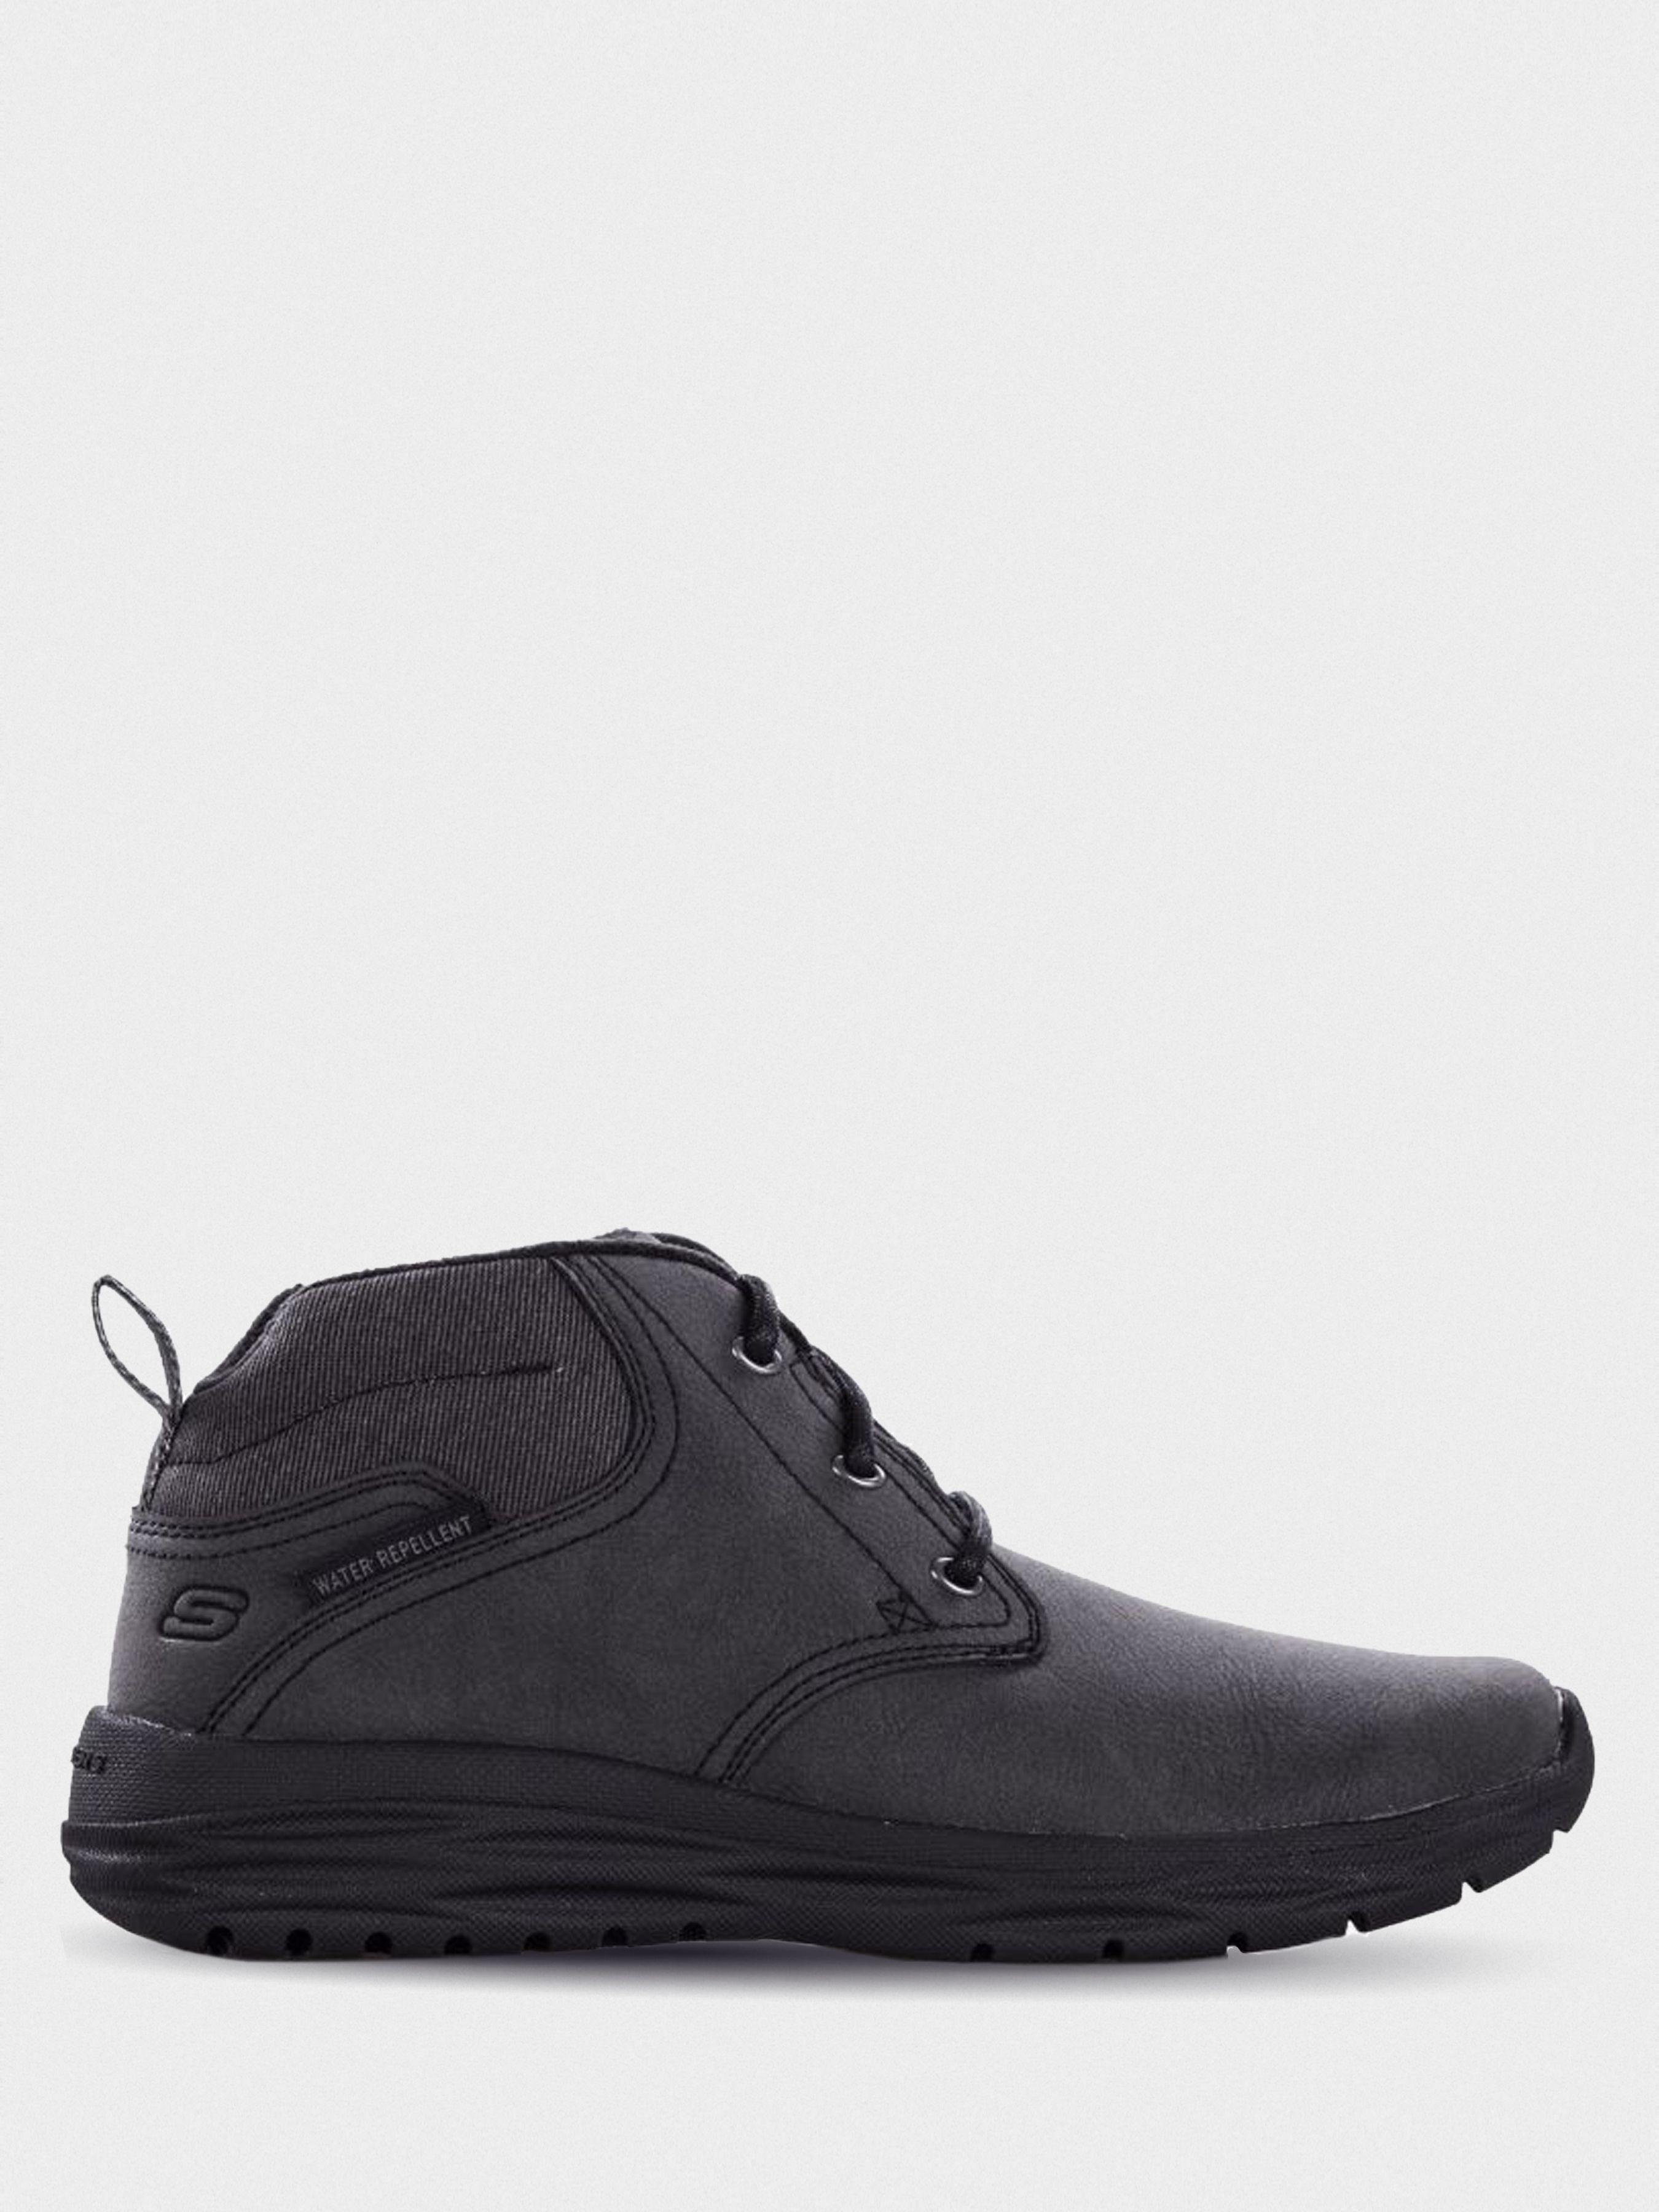 Купить Ботинки мужские Skechers KM3053, Черный